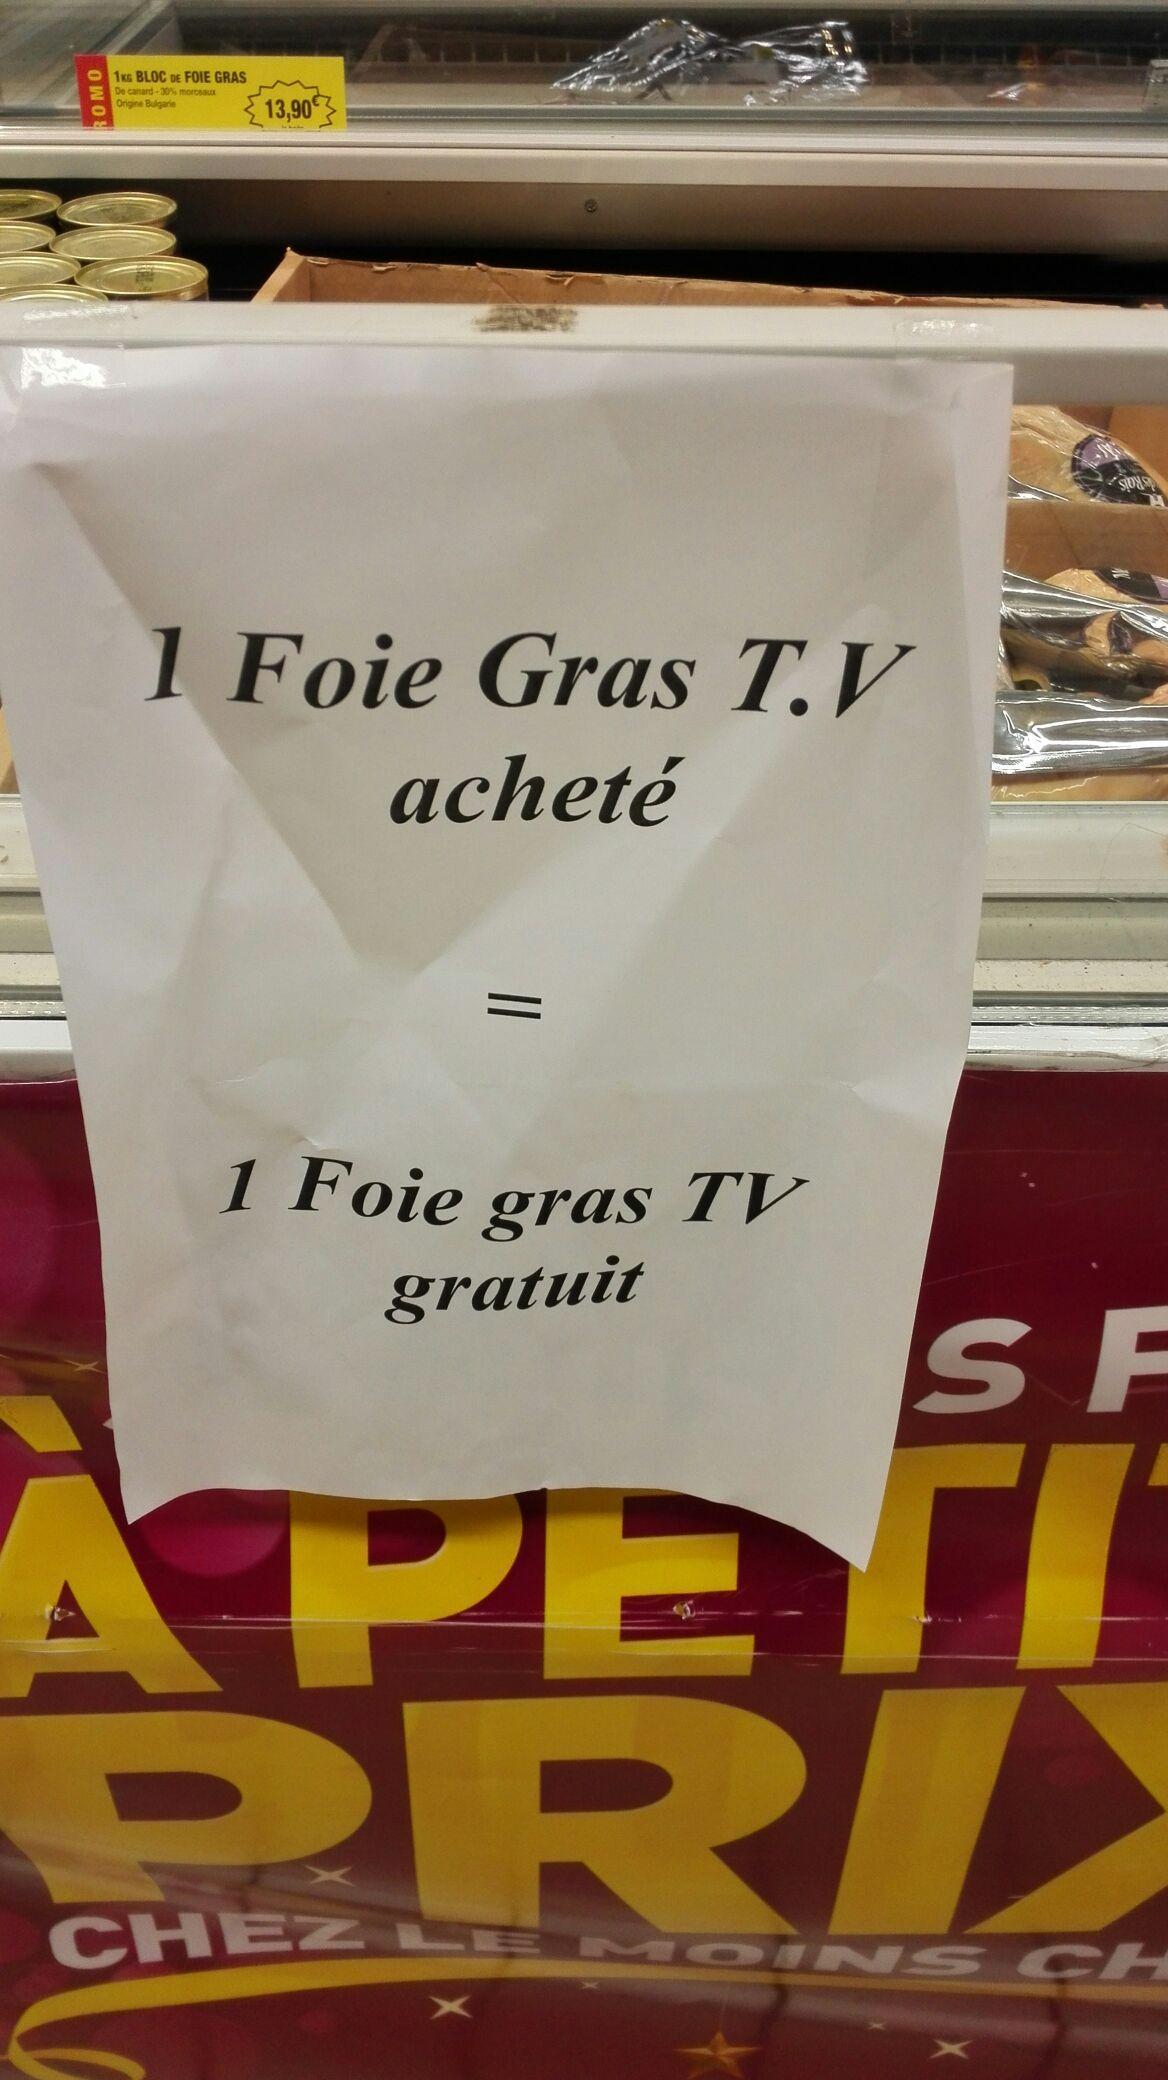 Un foie gras frais acheté = un foie gras offert, soit le lot (1 Kg)